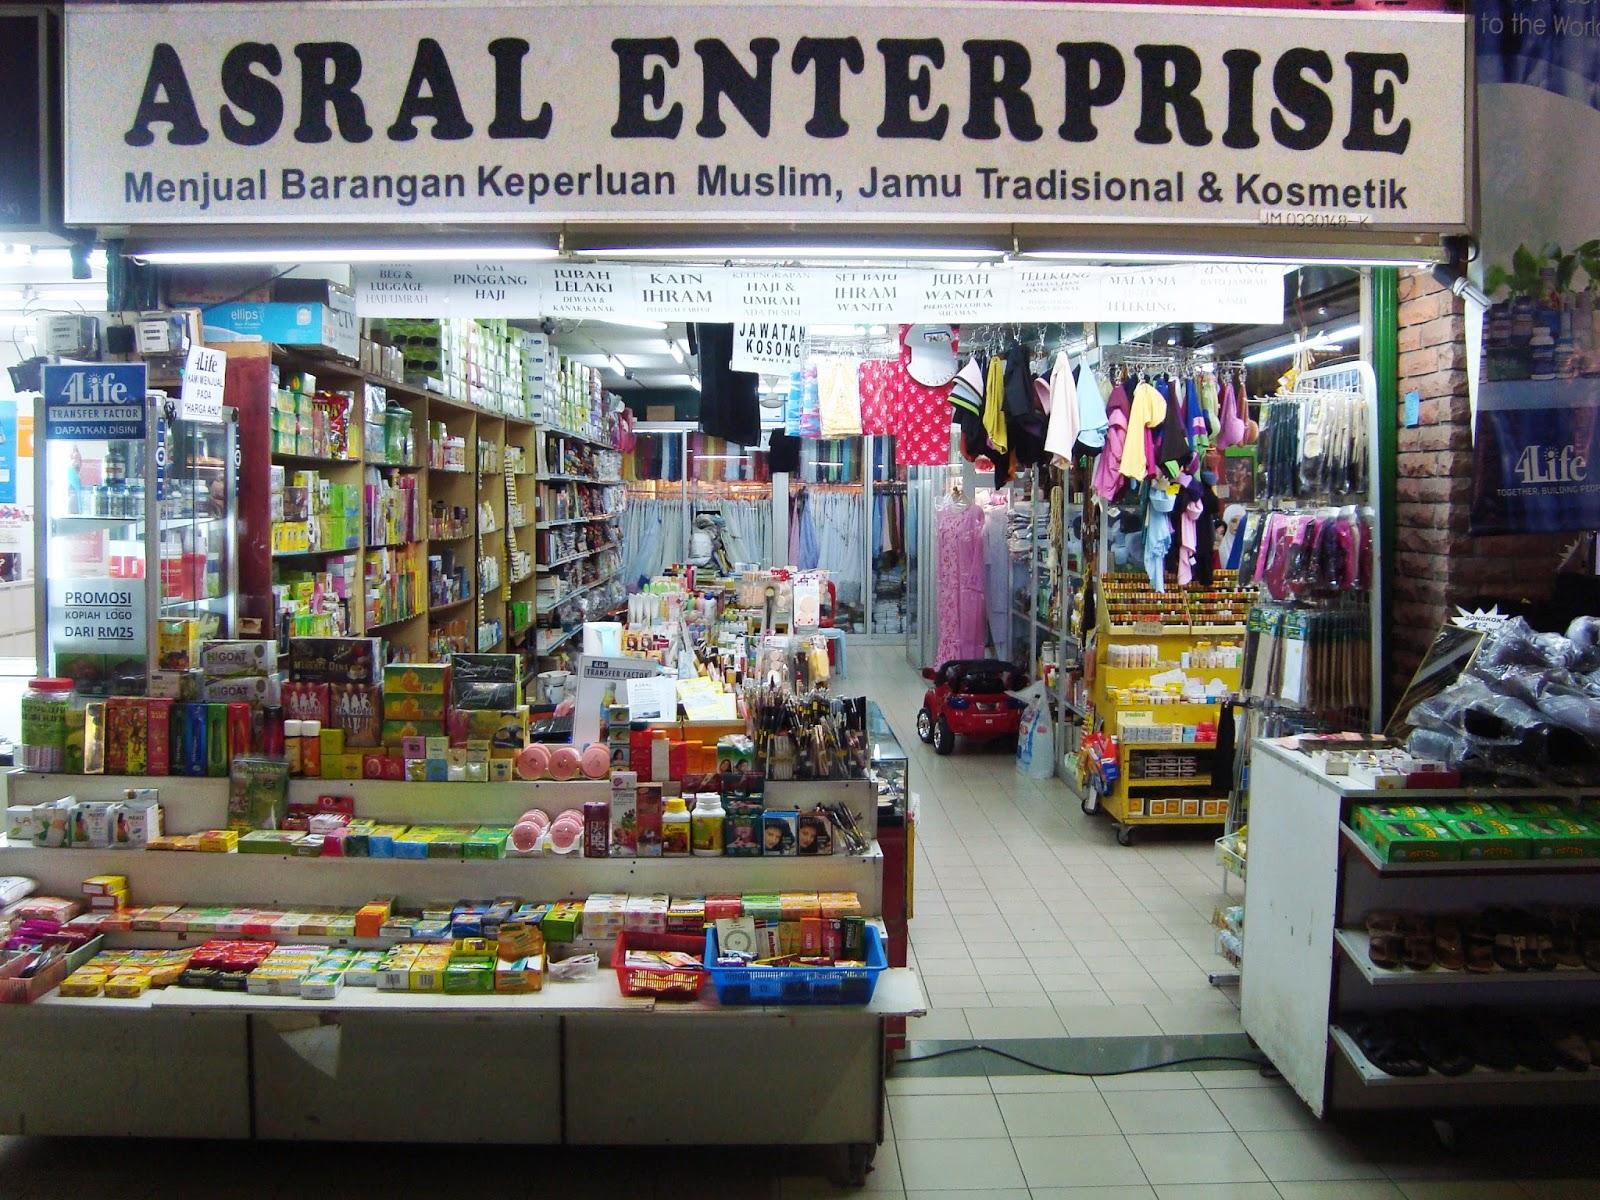 foto Asral Enterprise (Today's Market Seri Alam Masai)